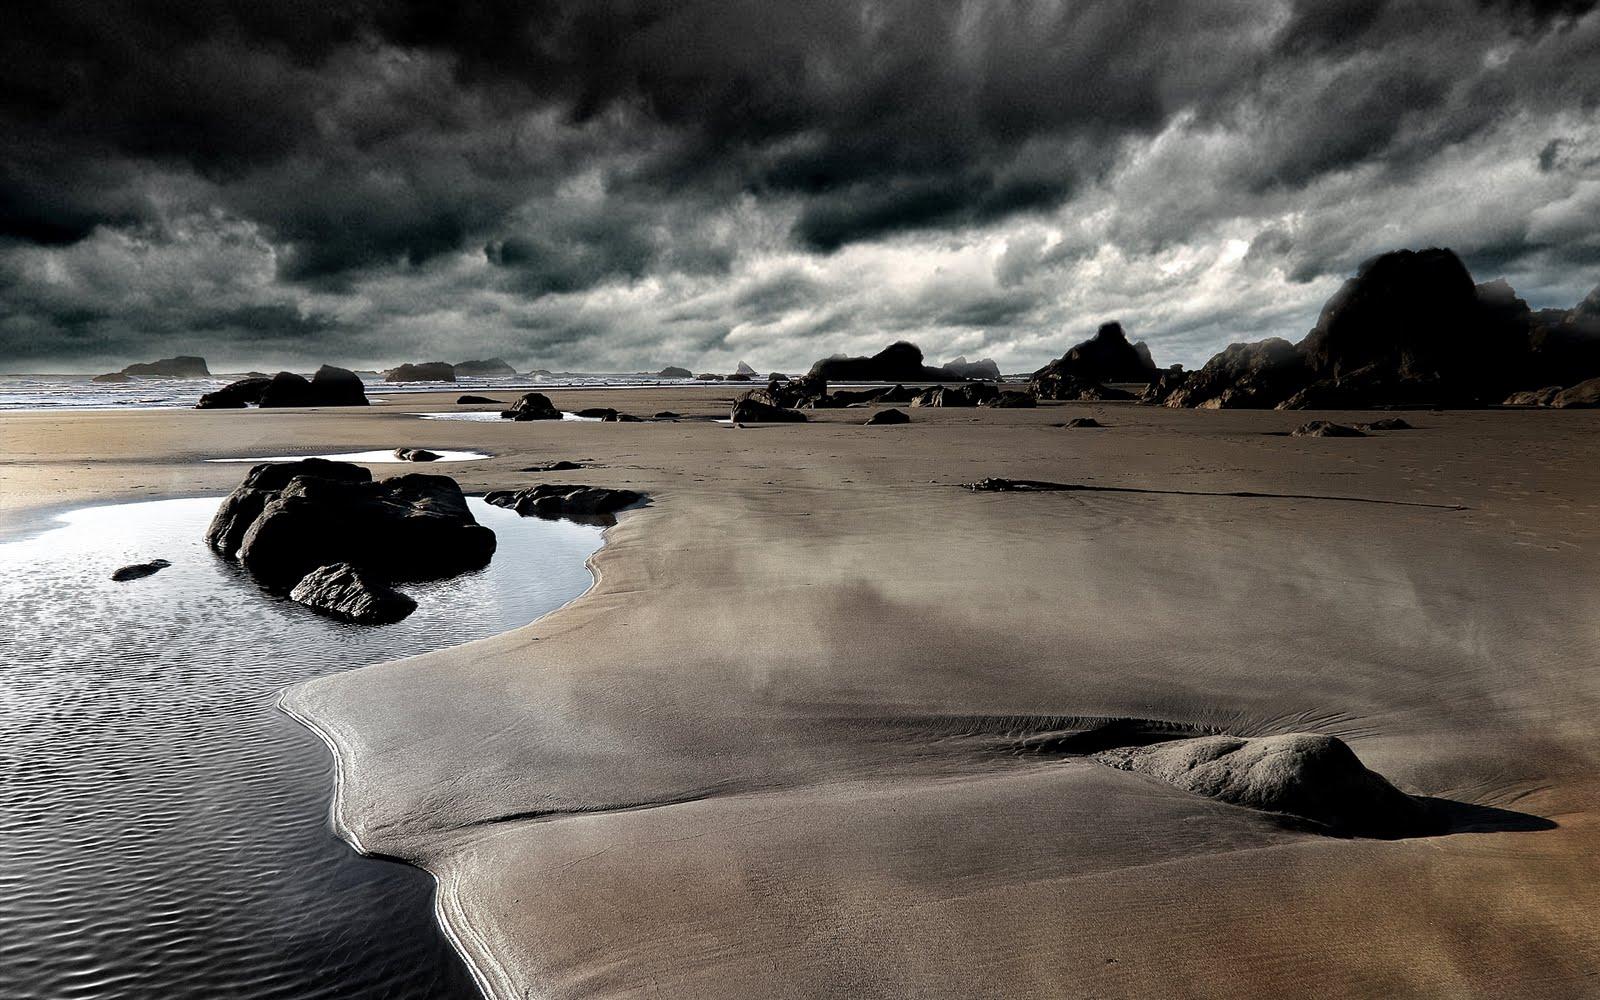 Te Quiero Arena De Playa A Orillas Del Mar Fotos De: BANCO DE IMÁGENES: A Orillas Del Mar II (15 Wallpapers